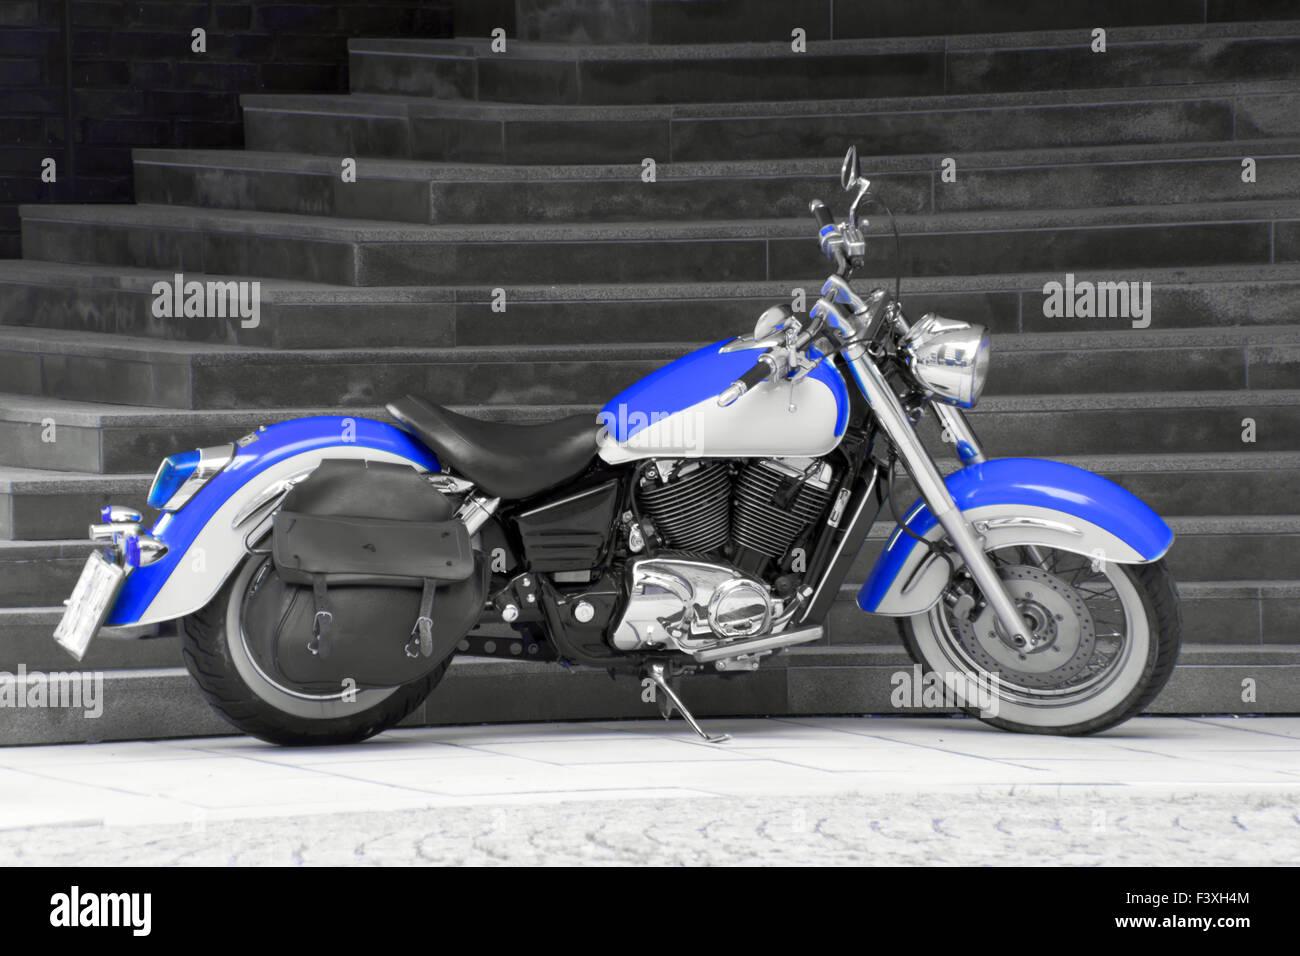 Motorbike in blue II. Stock Photo